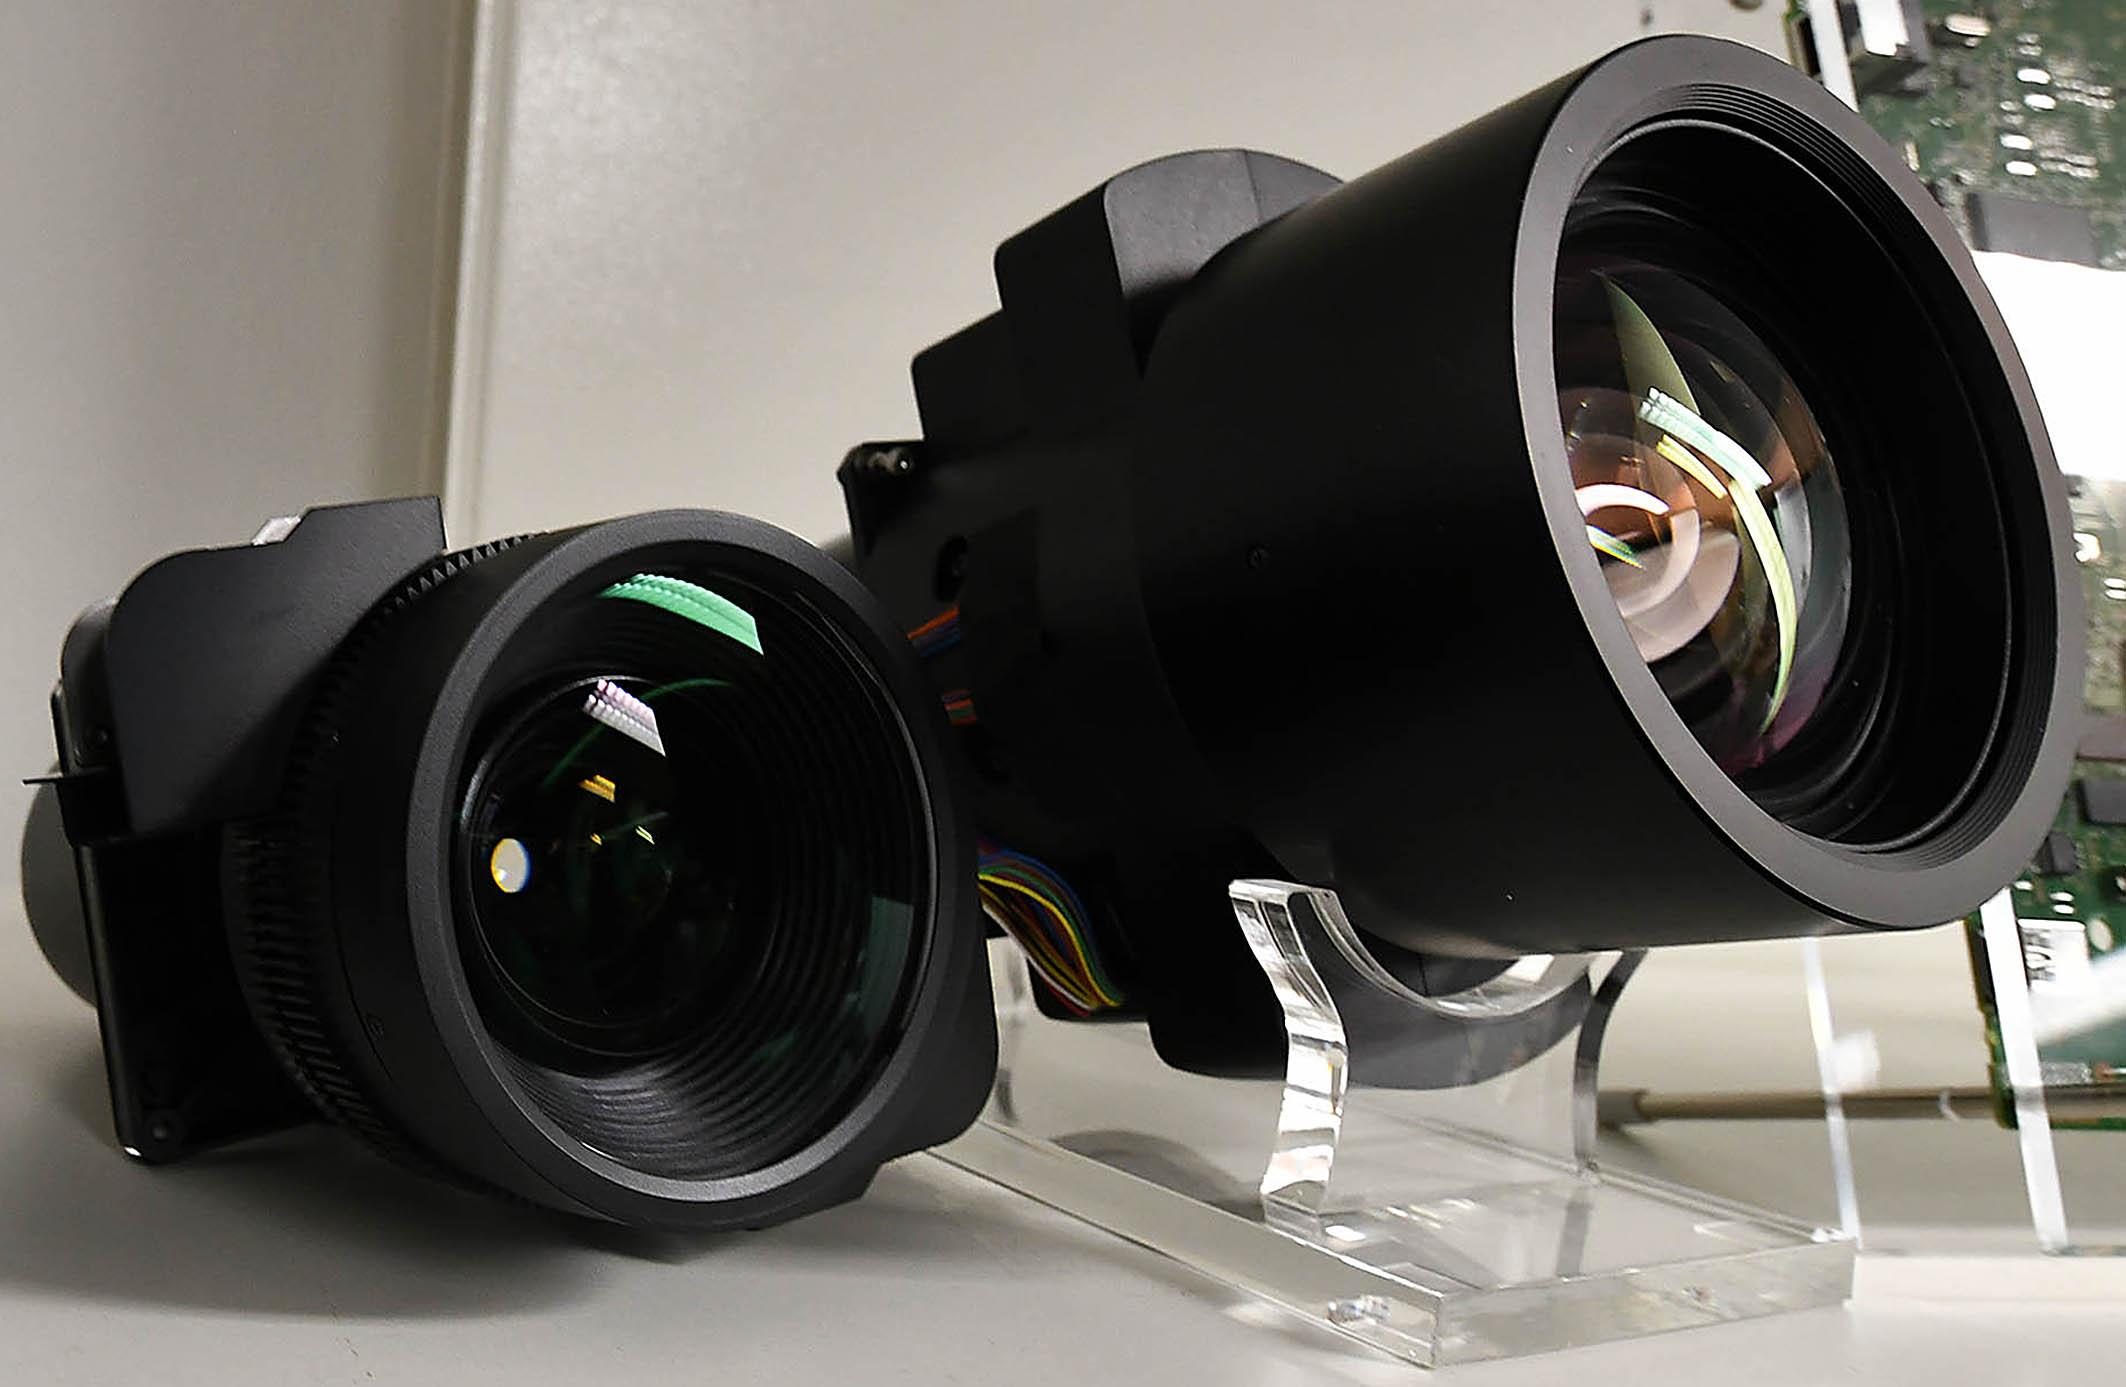 Foto: Michael B. Rehders Rechts ist das riesige Objektiv des VPL-VW870, das er vom 65.000,- Euro teuren VPL-VW5000 geerbt hat. Links ist das kleinere Objektiv zu sehen, das in die Modelle VPL-VW270/570/760 verbaut ist.